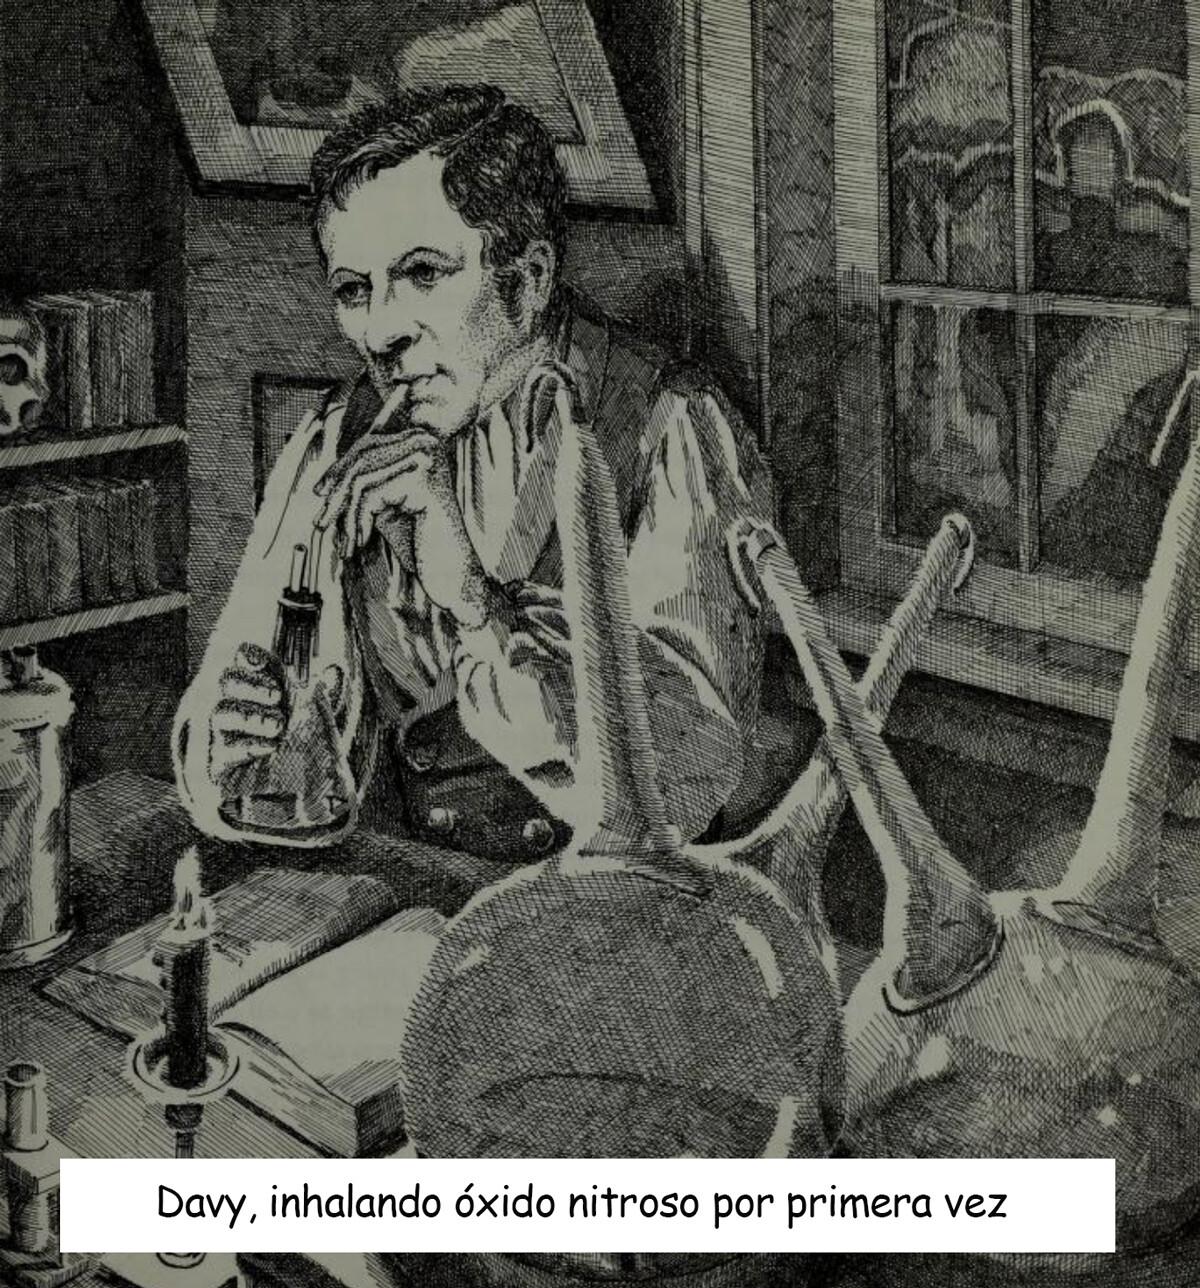 {focus_keyword} Las extrañas fiestas para inhalar anestesia de principios del siglo XIX davy